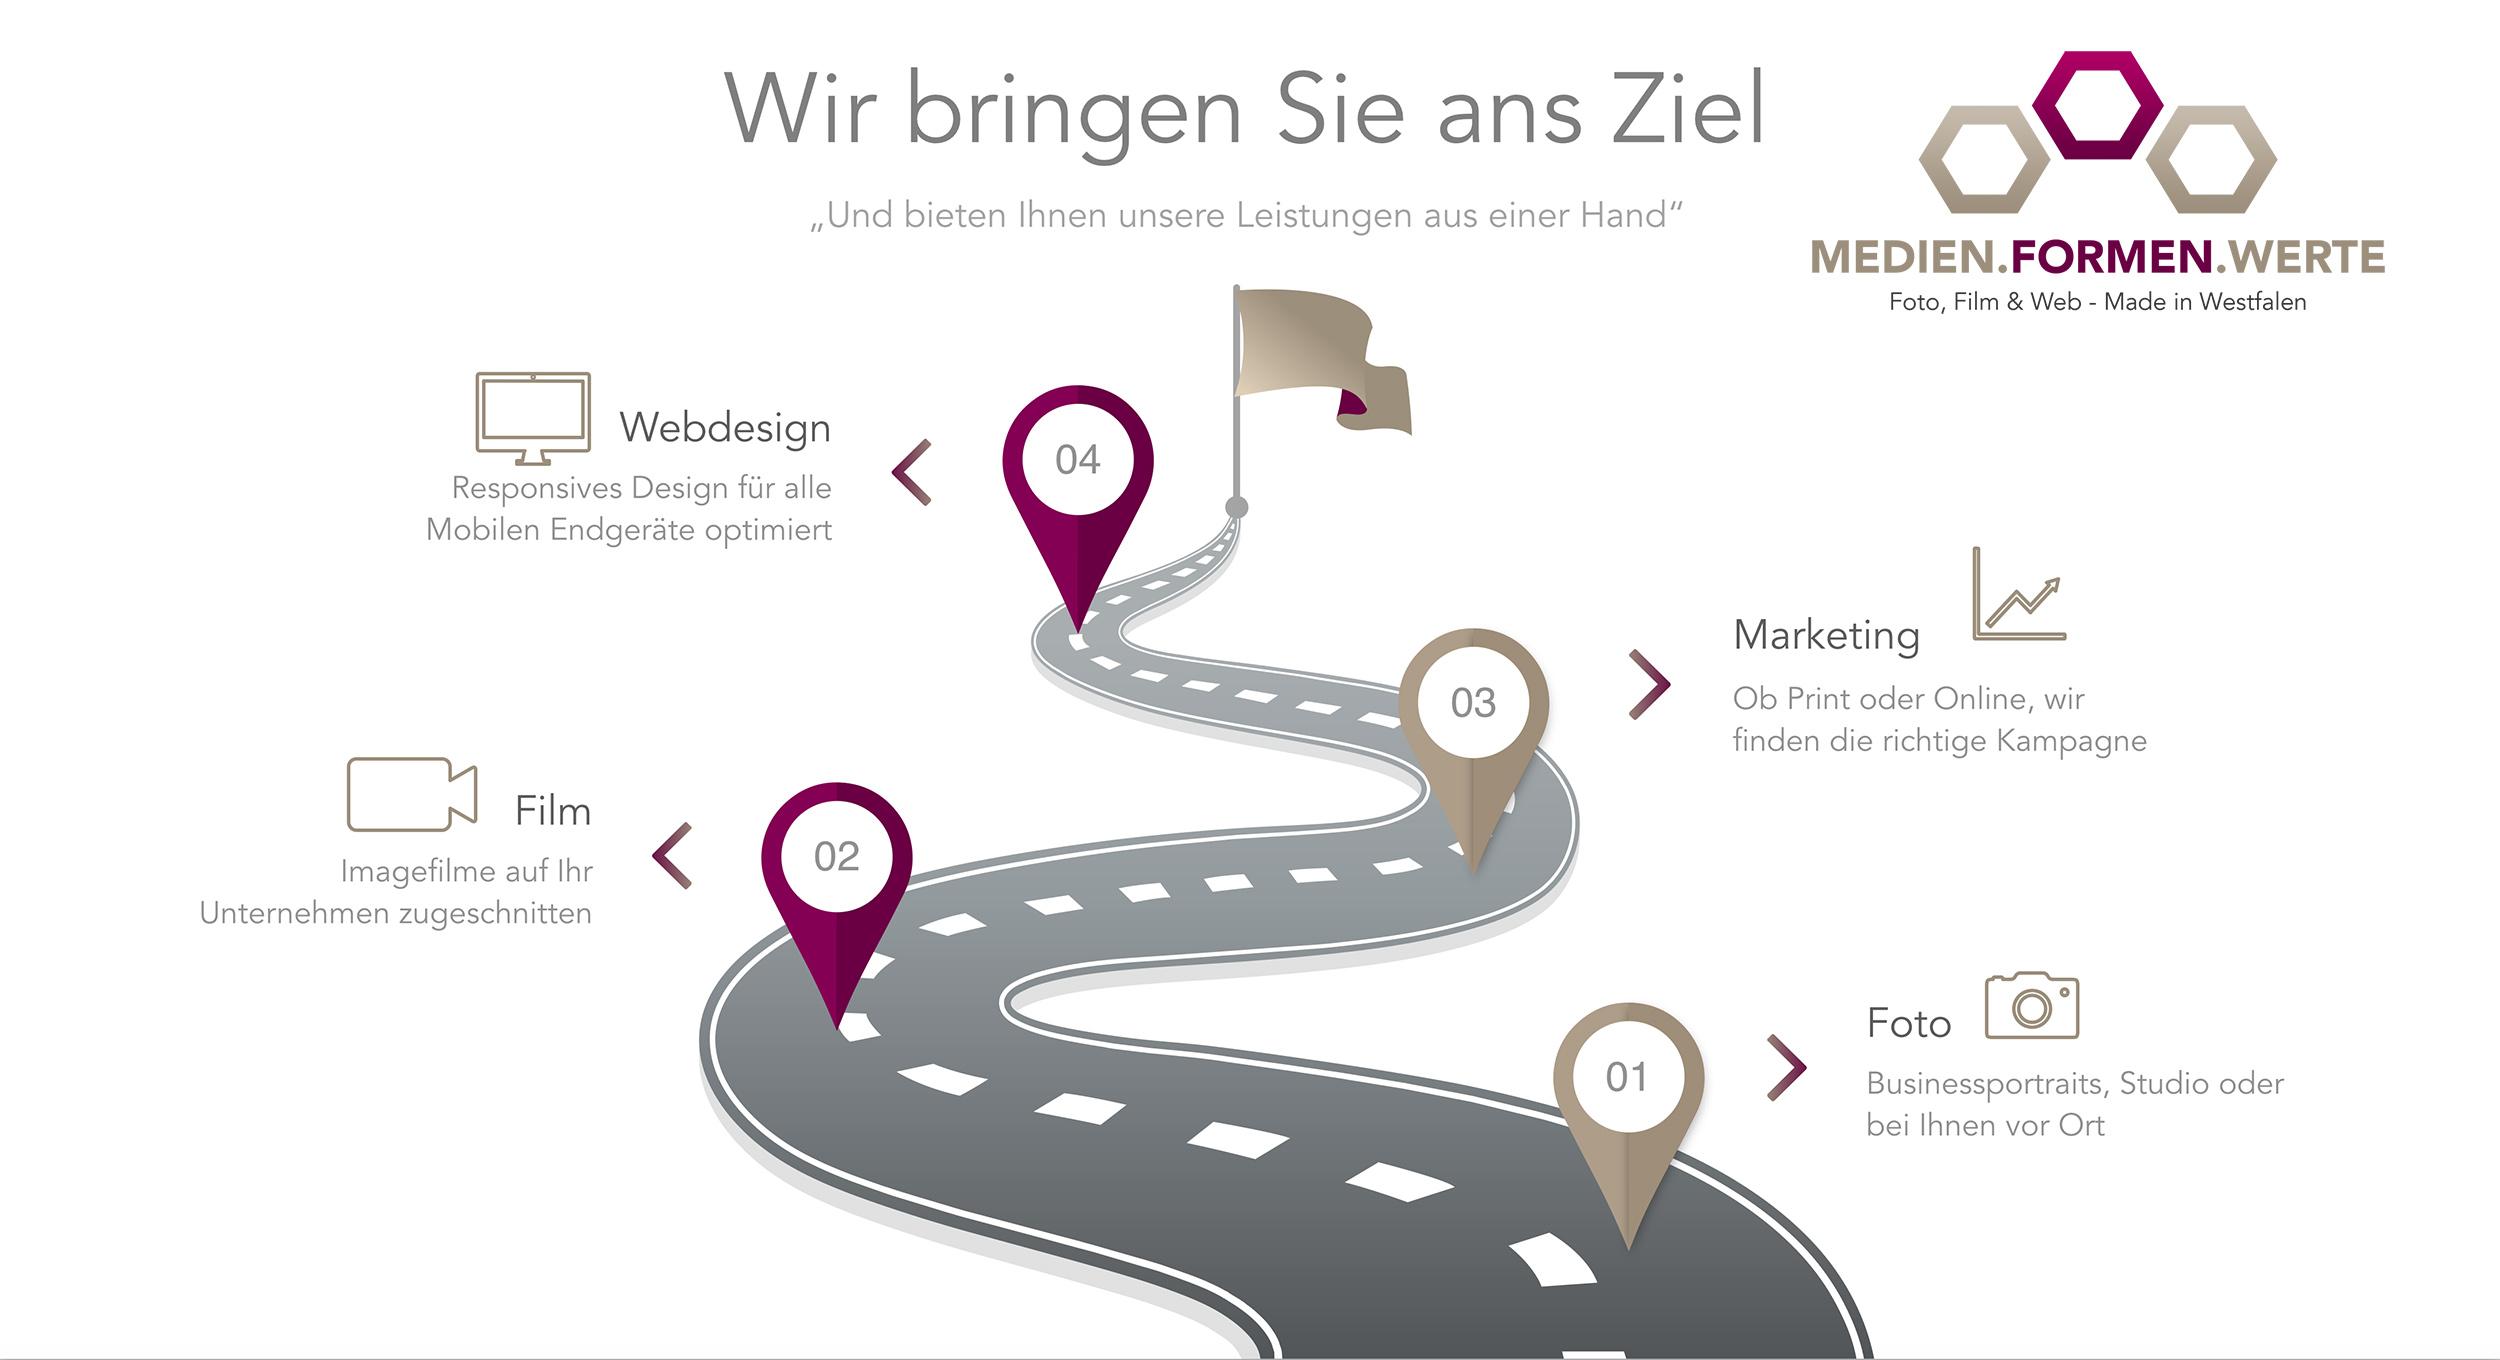 Grafik mit dem Leistungen der Werbeagentur Medien Formen Werte aus Münster. Foto, Film, Marketing und Webdesign aus einer Hand.